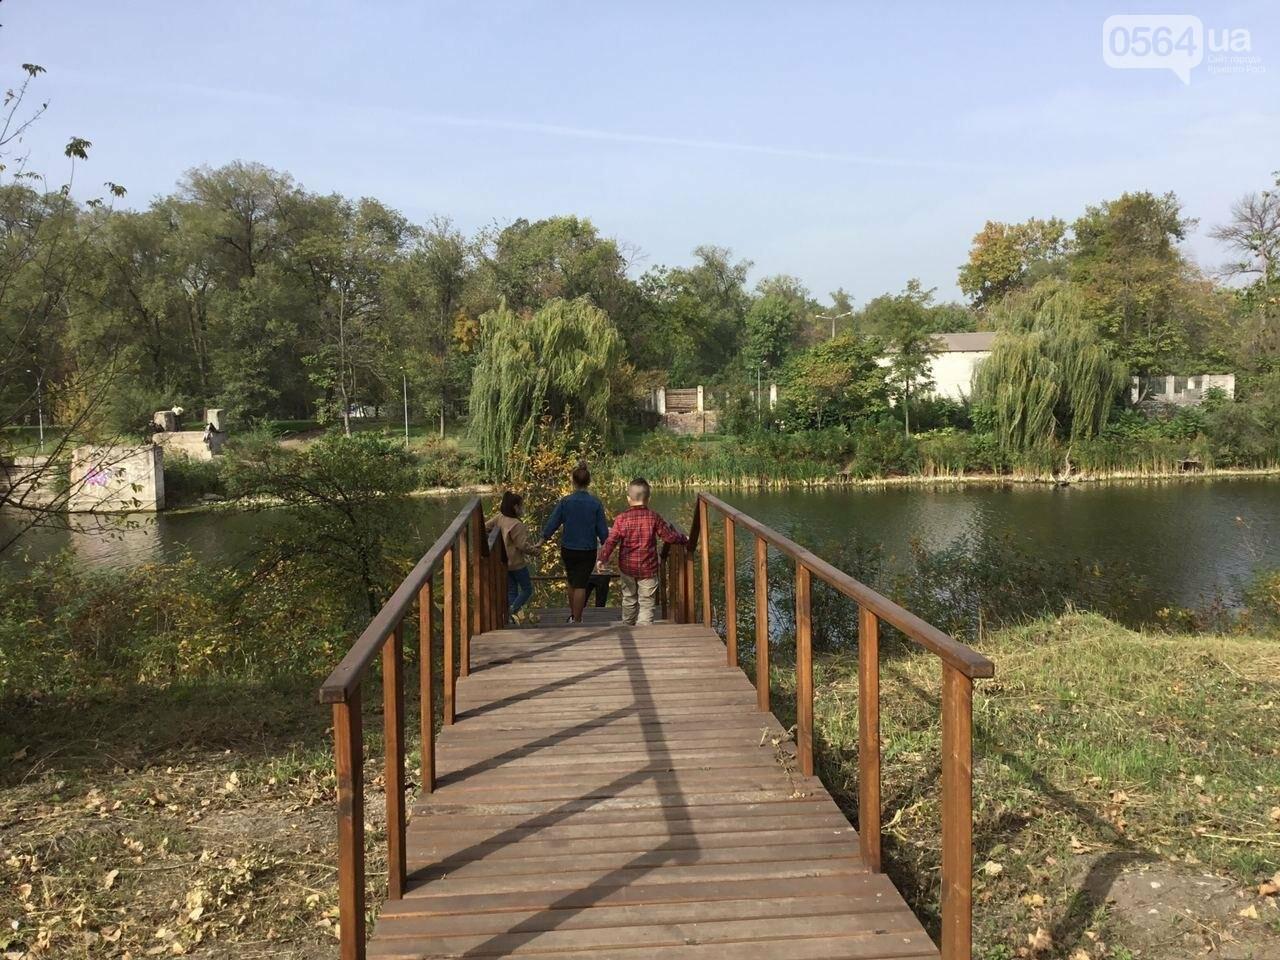 В Гданцевском парке наводят порядок. Как выглядит парк после покоса амброзии, - ФОТО, ВИДЕО, фото-16